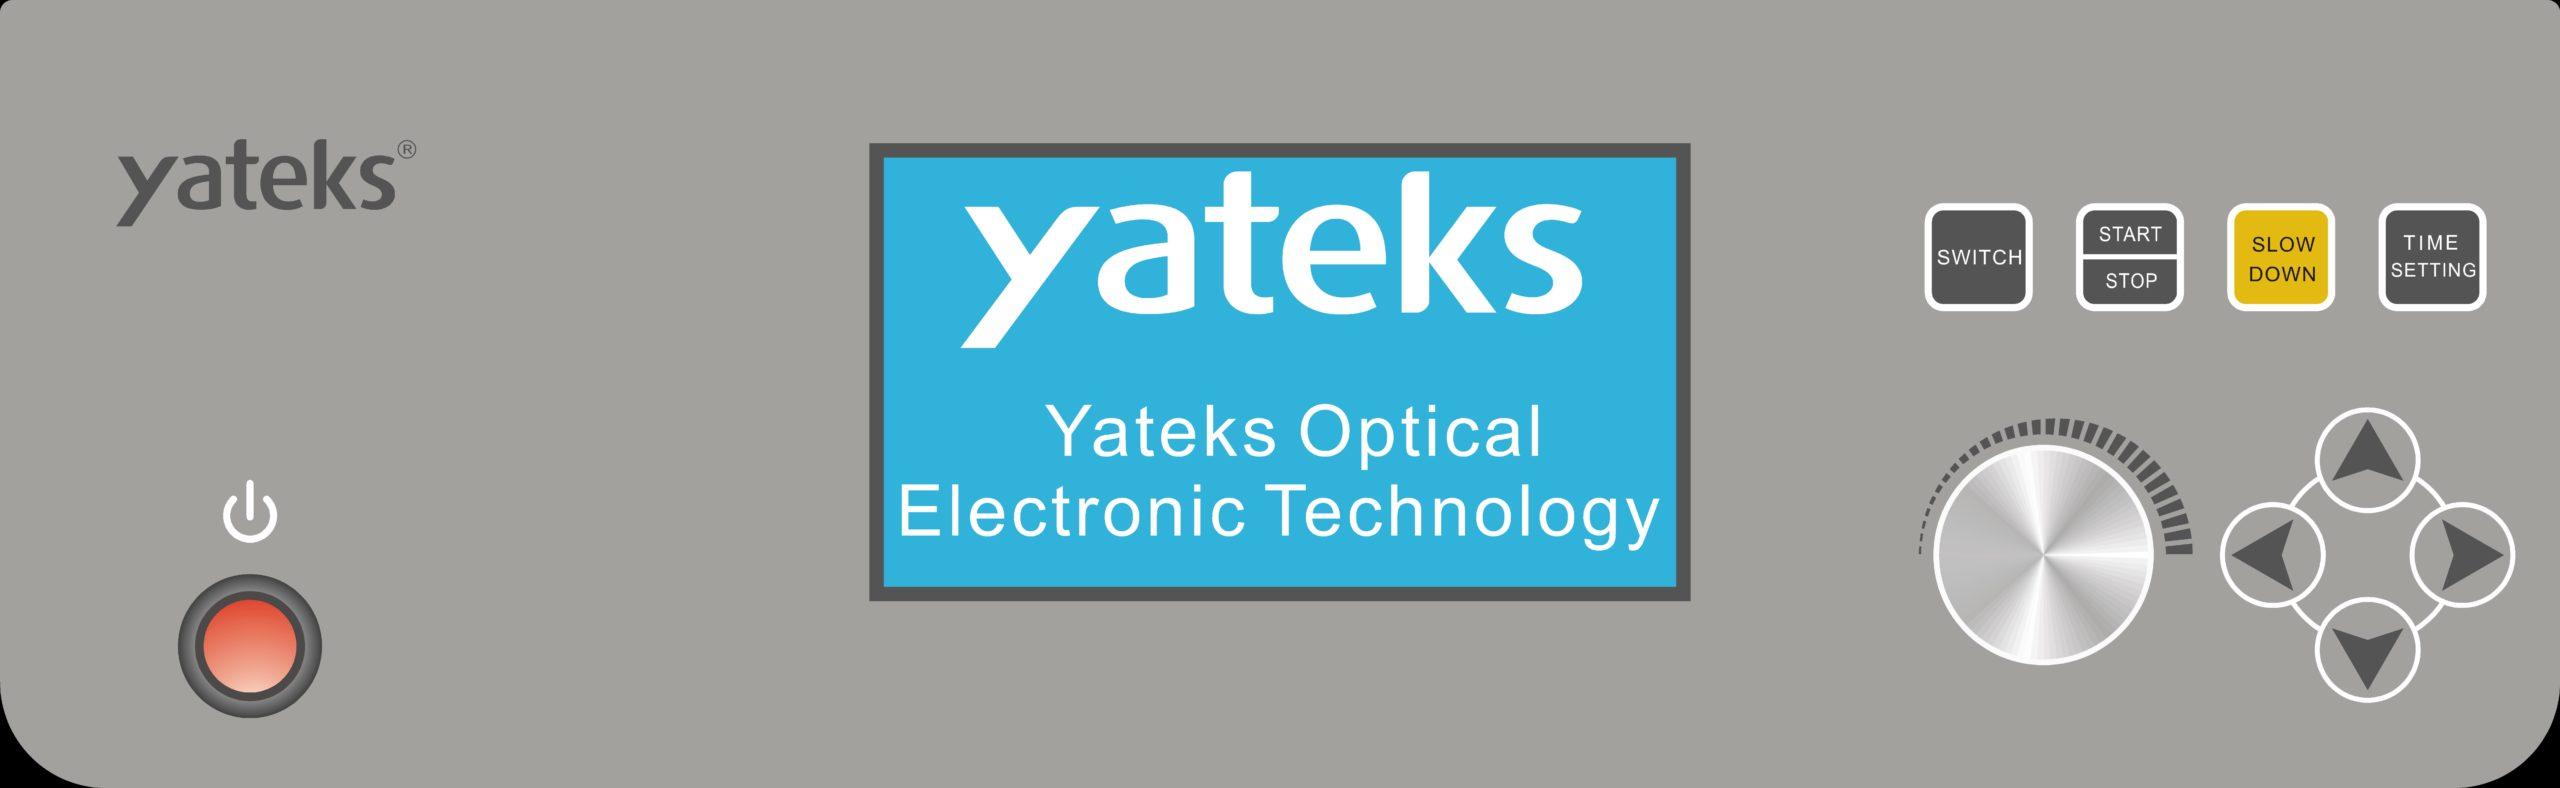 Yateks Optical Electronic Technology